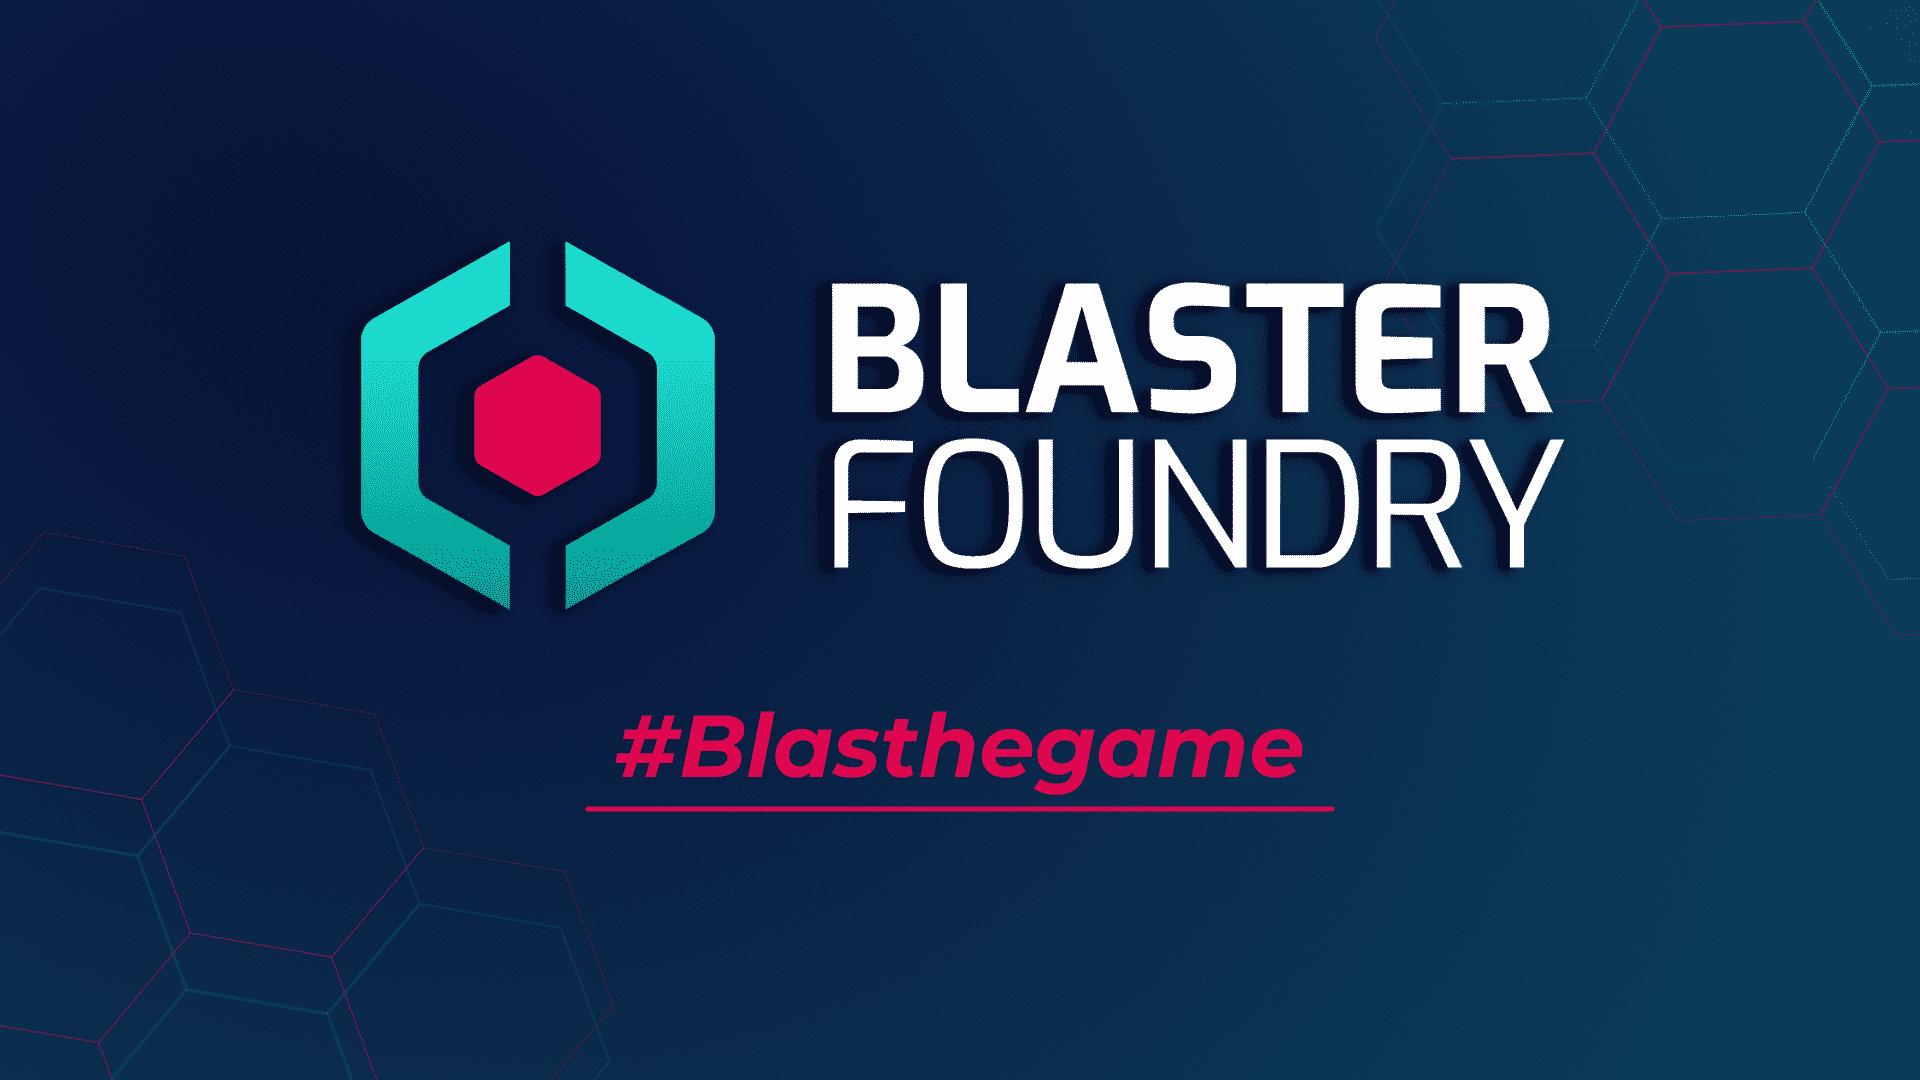 Blaster Foundry vince l'Instal 4 Startup Challenge. Intervista a Francesco Fichera, CEO della startup catanese